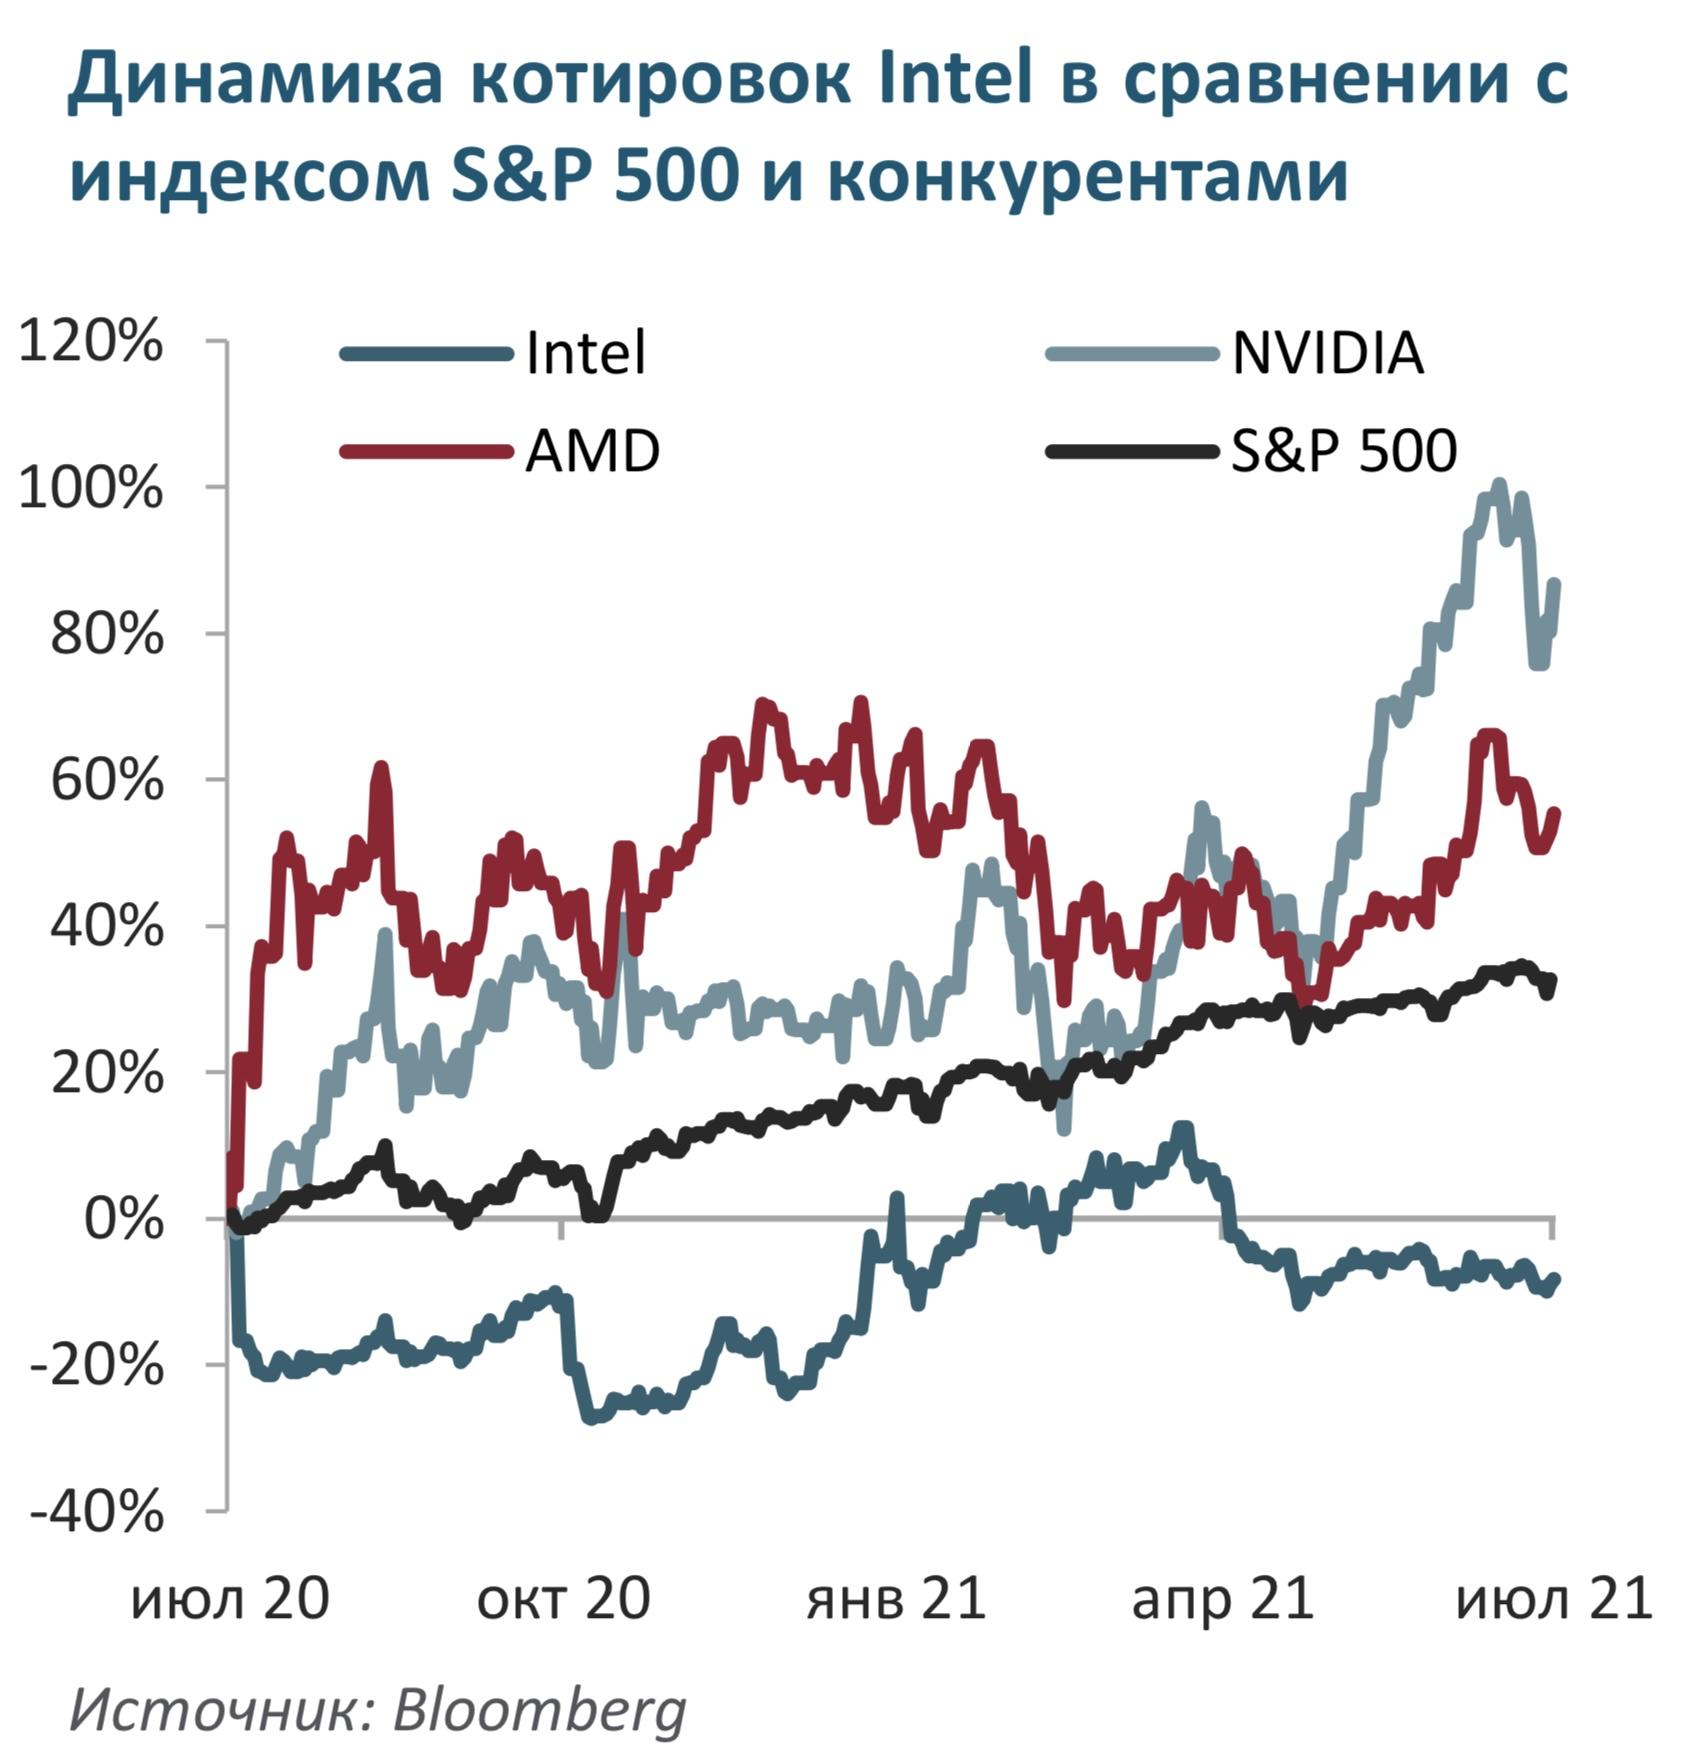 Intel - большой потенциал роста благодаря дата-центрам